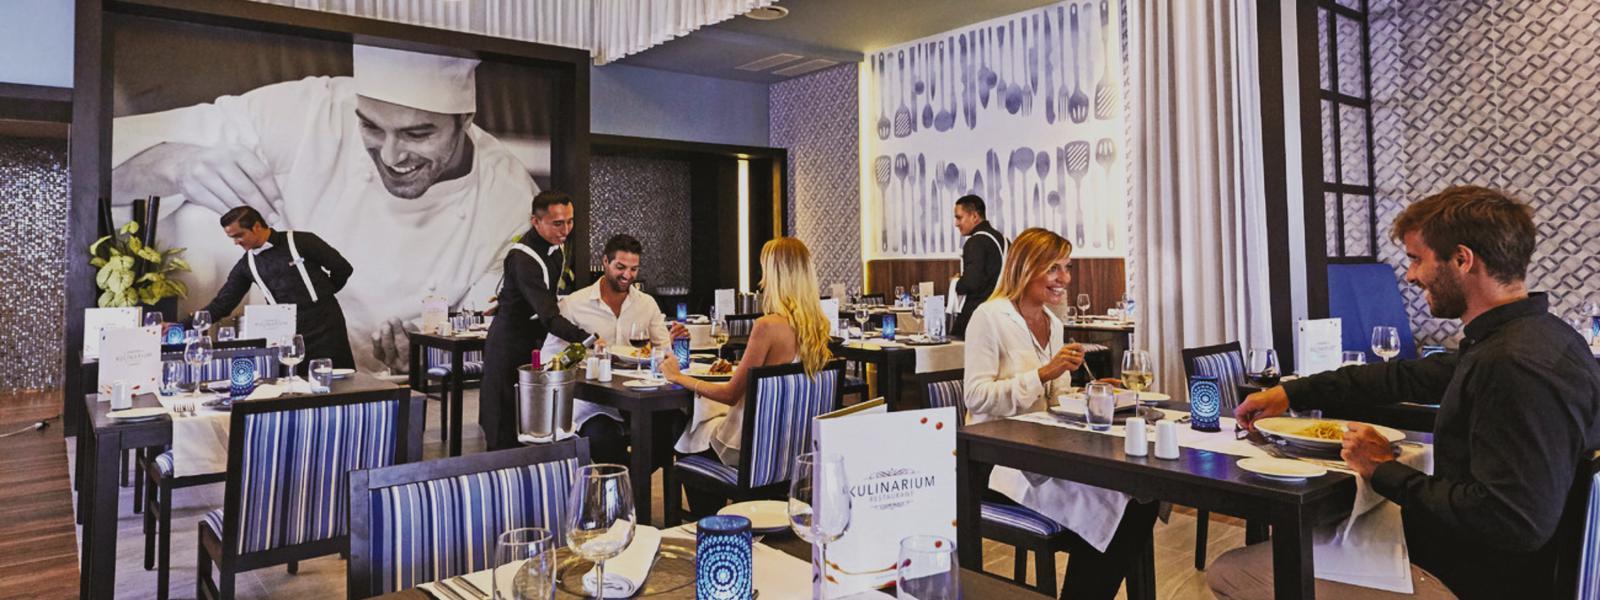 Mexico Dunamar , a la carte restaurant, strandvakantie Mexico - De Globetrotter